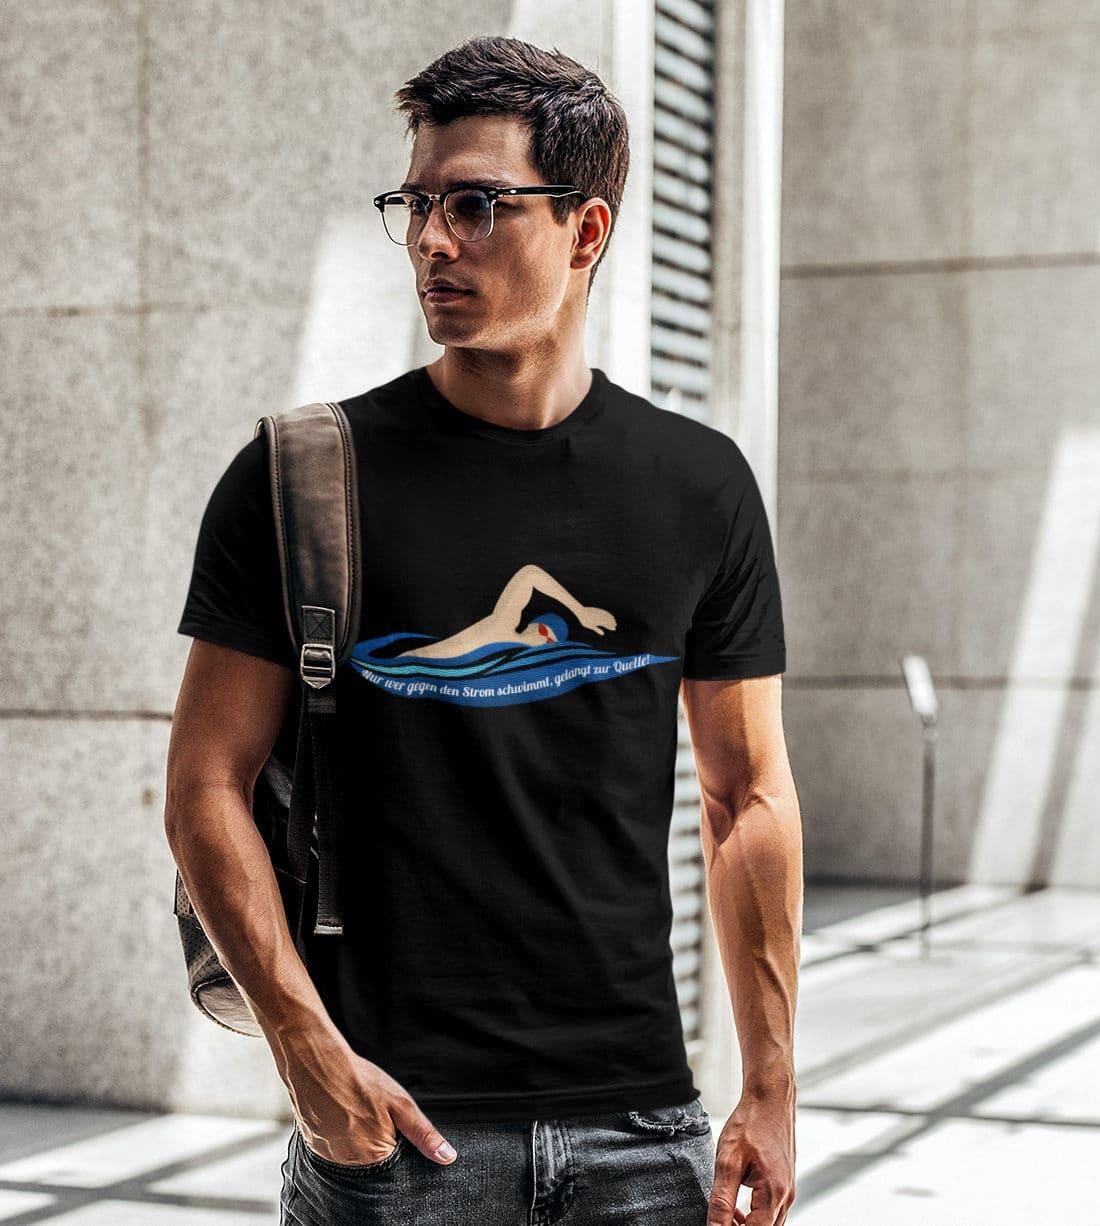 T-Shirts-Herren-Gegen-den-Strom-schwimmen